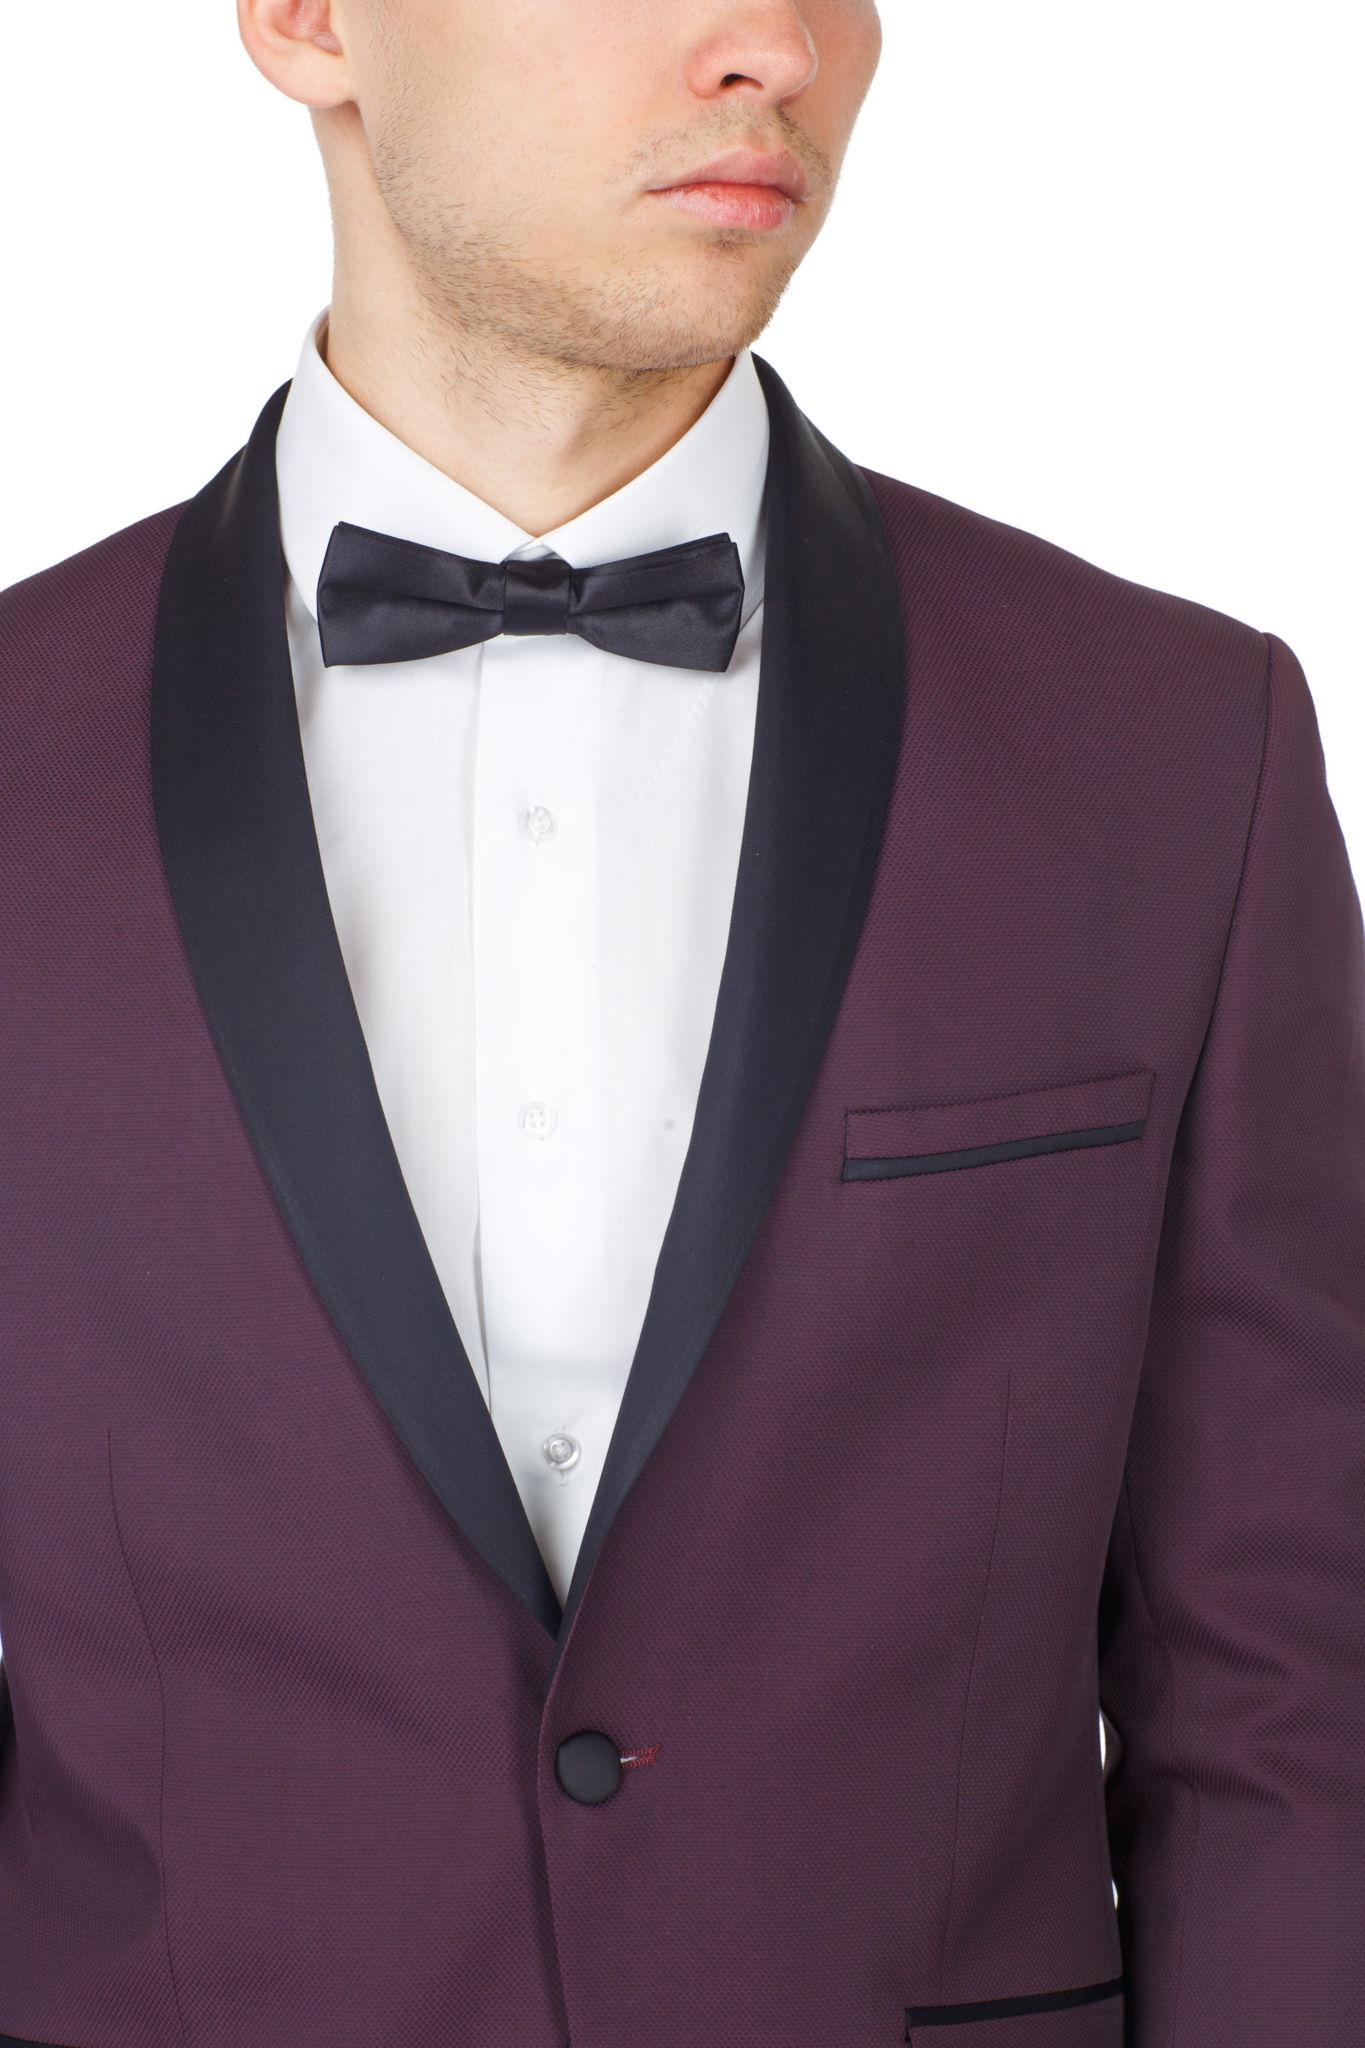 мужской костюм цвет марсала: пиджак